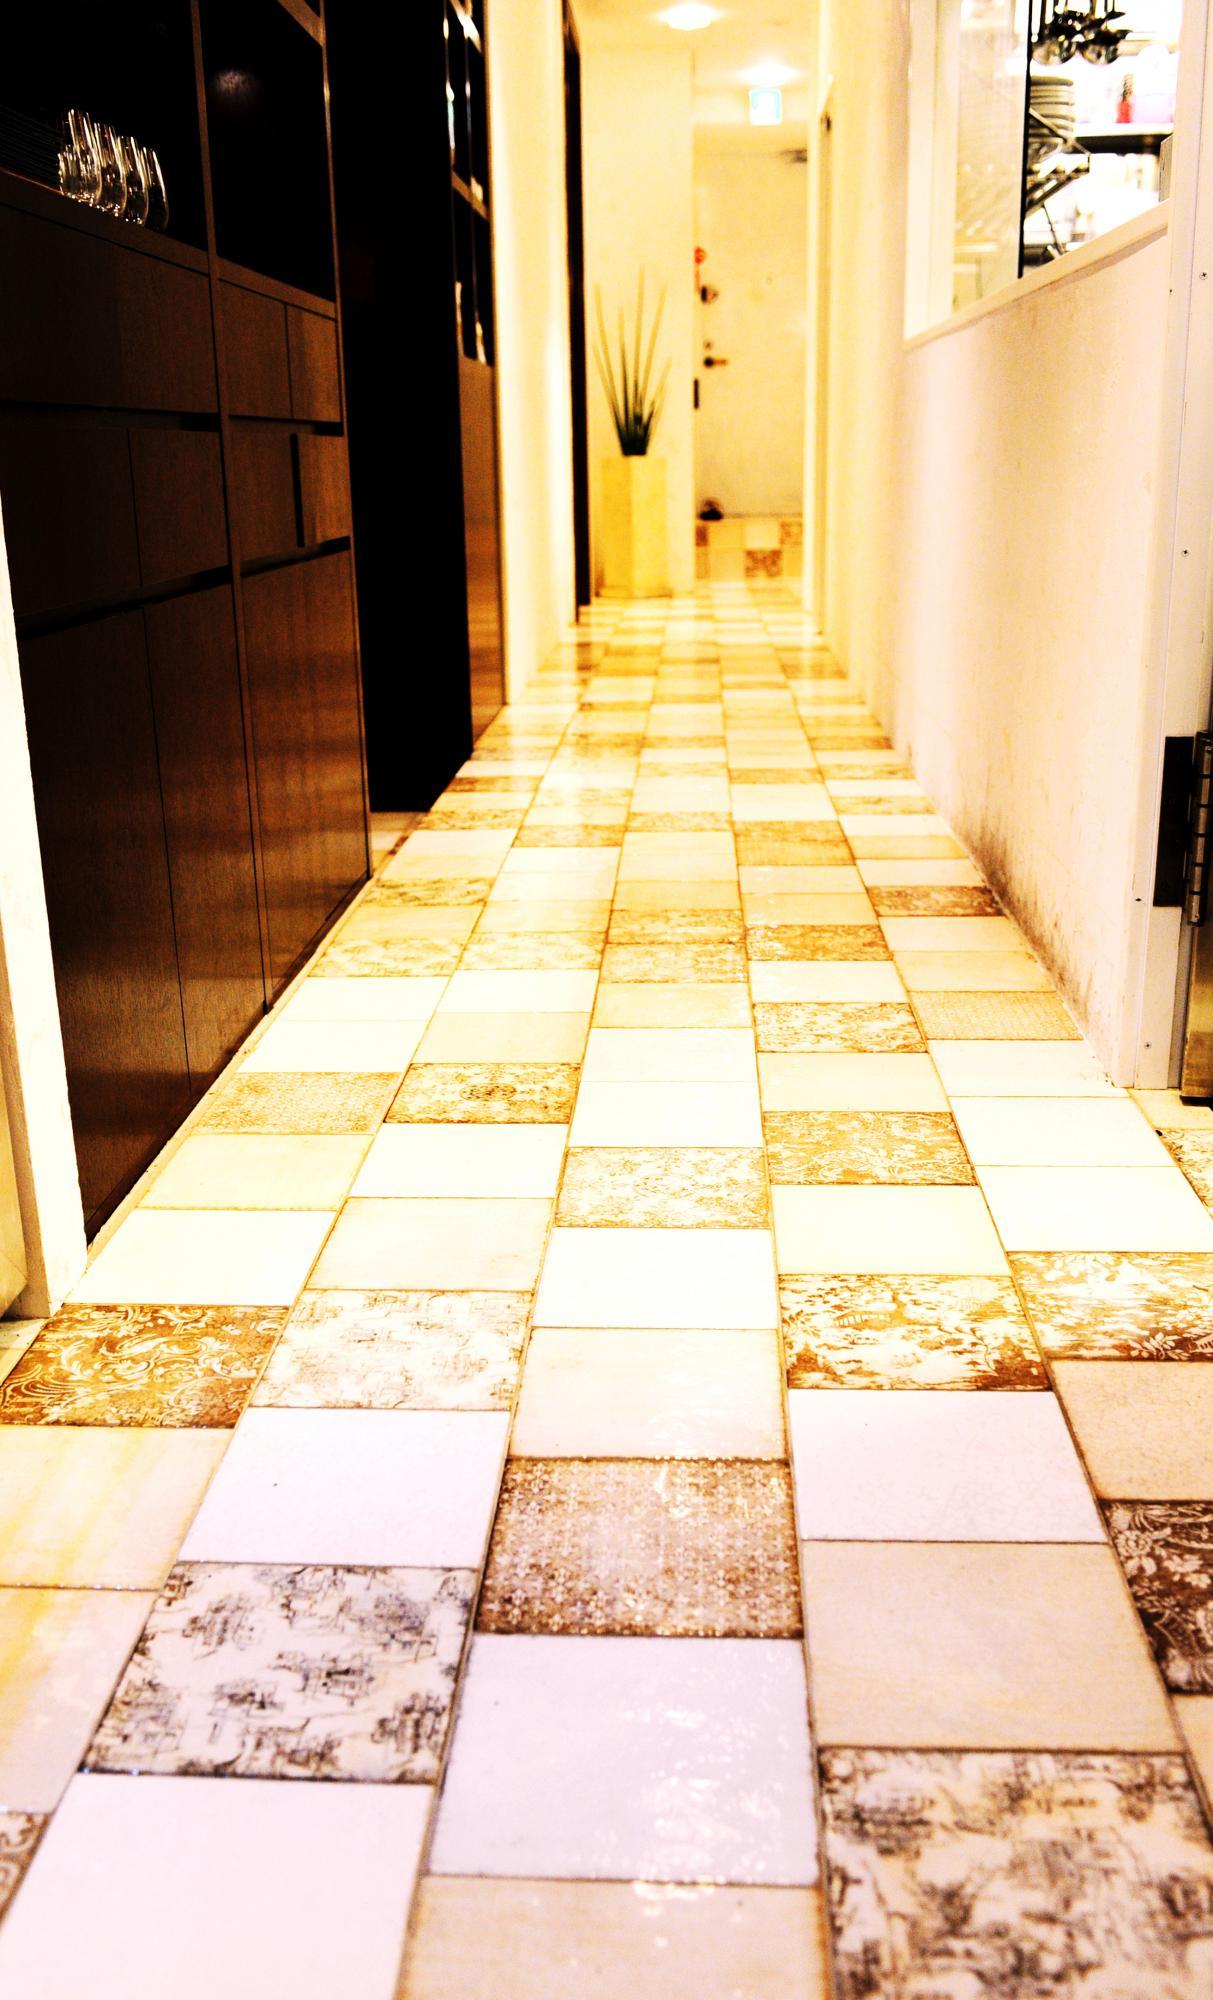 床をタイル張りにすることで上質な空間に。お気に入りのタイルを変則的に組み合わせることで唯一無二の空間を演出できます。